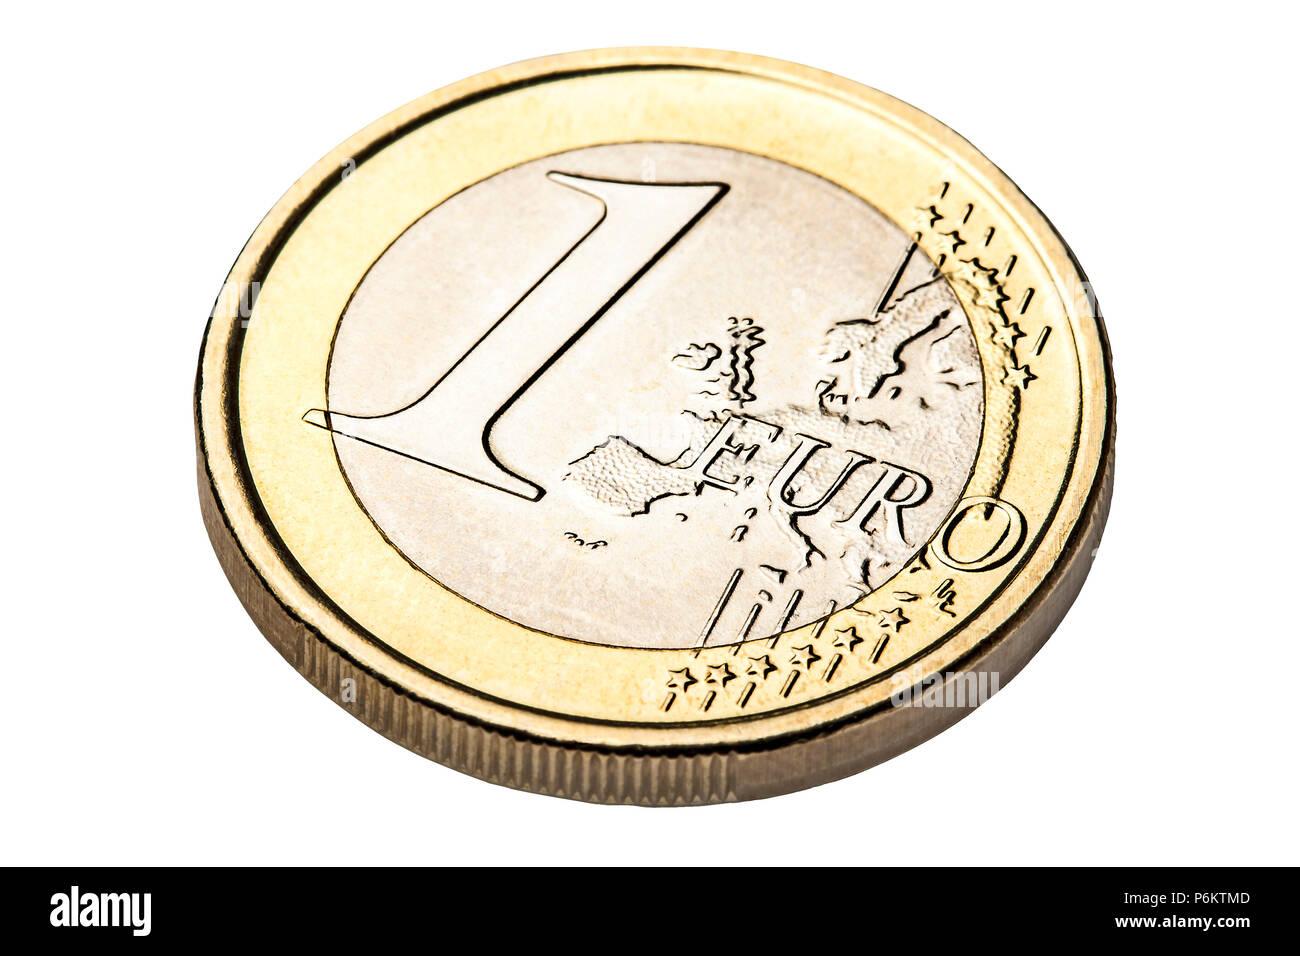 Winkel Ansicht Von 1 Euro Münze Isoliert Stockfoto Bild 210648829